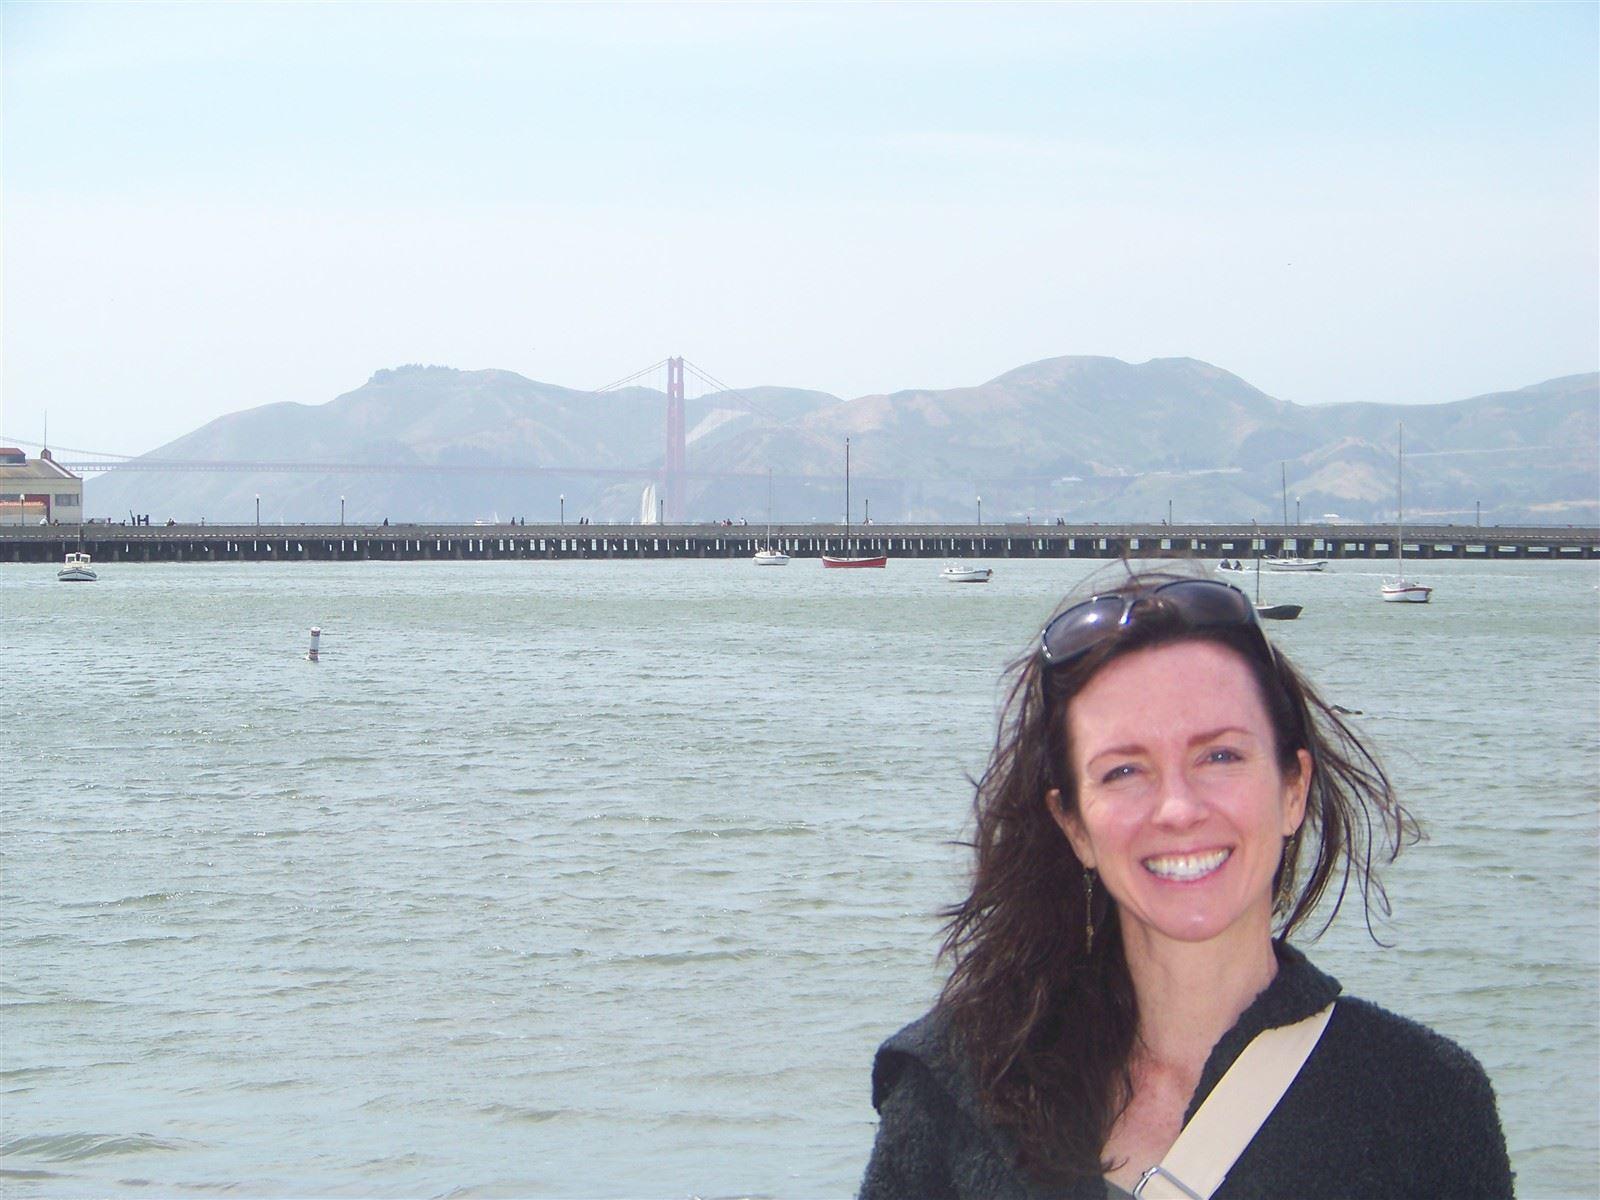 San Francisco Bay : San Francisco Bay